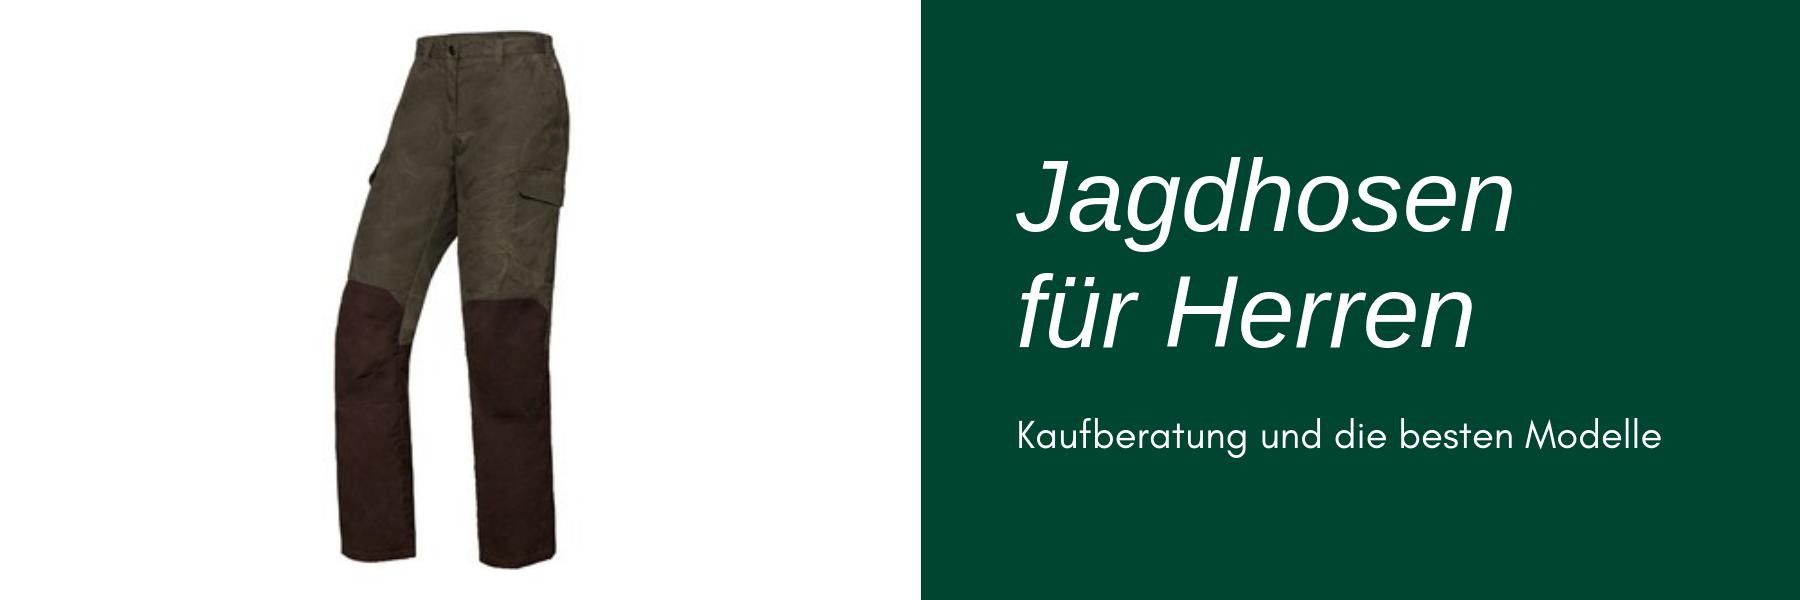 Jagdhose für Herren - Modelle, Preise & Kaufberatung